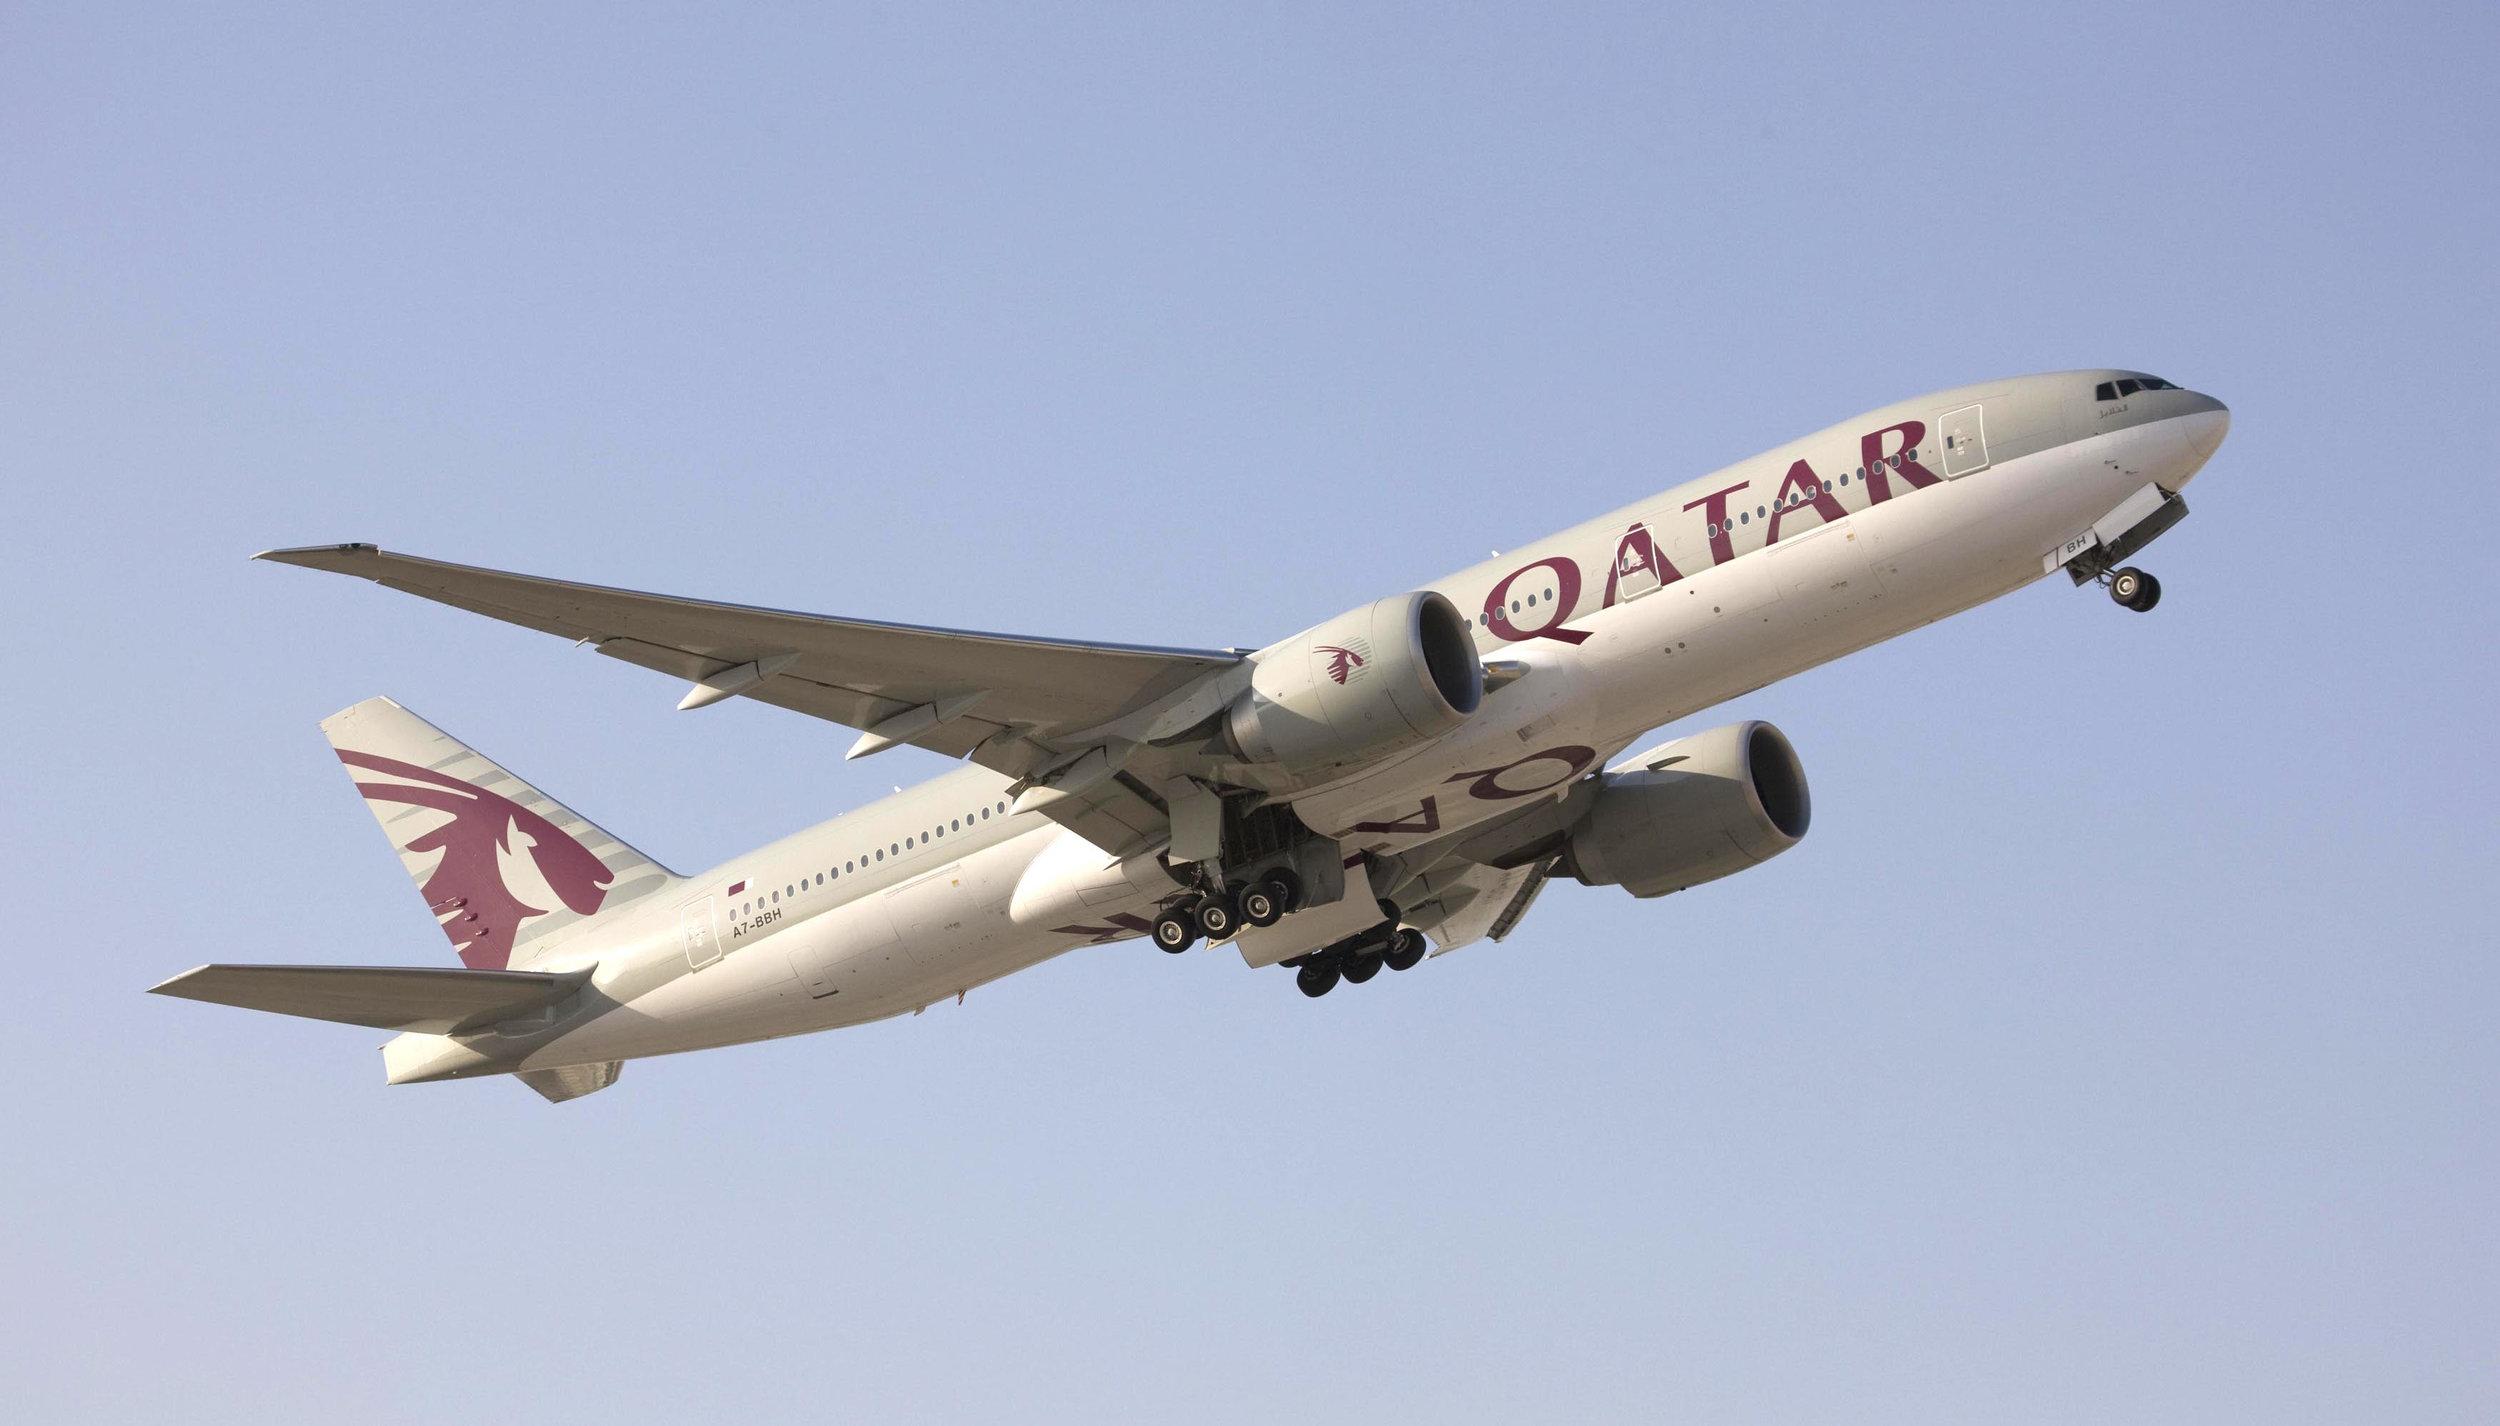 qr aircraft